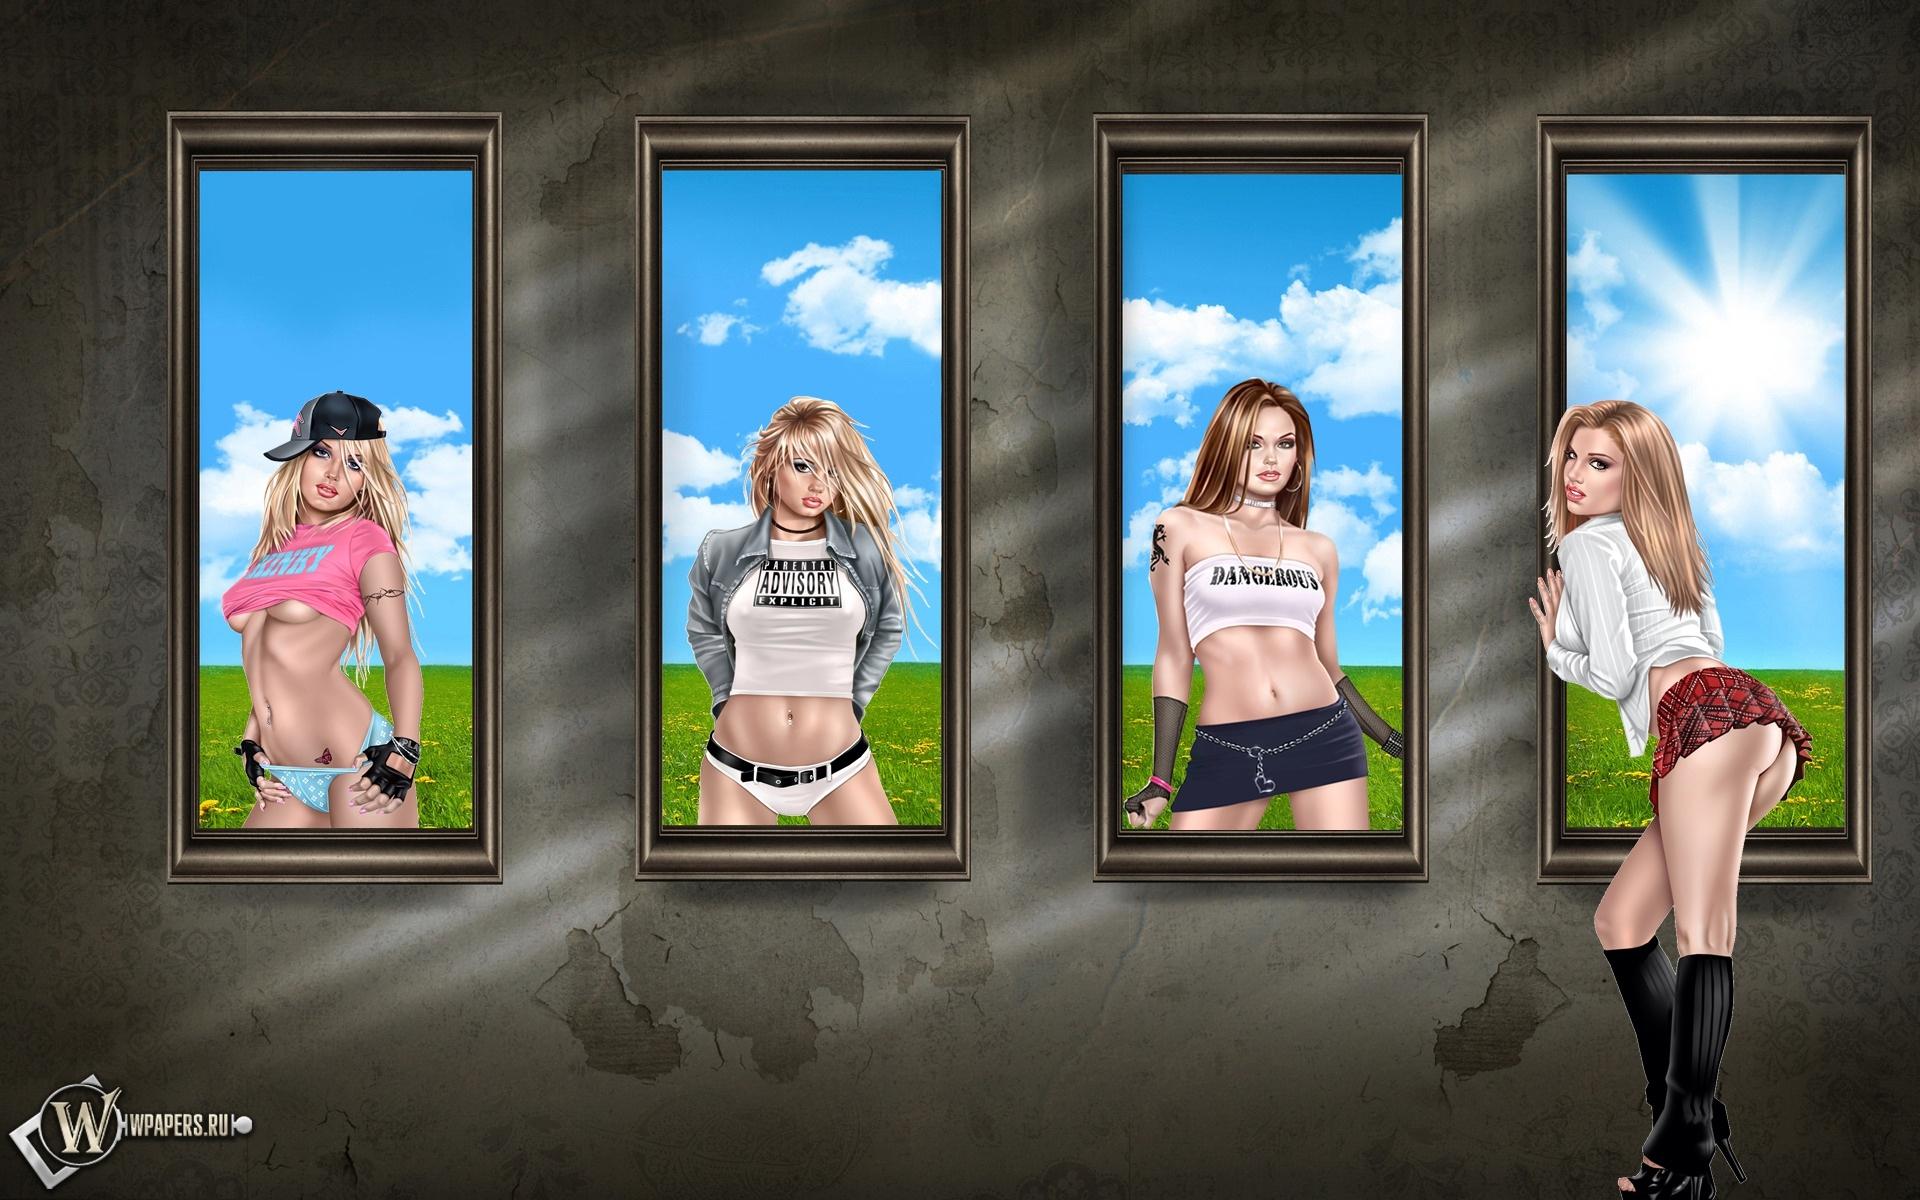 Девушки в окнах 1920x1200